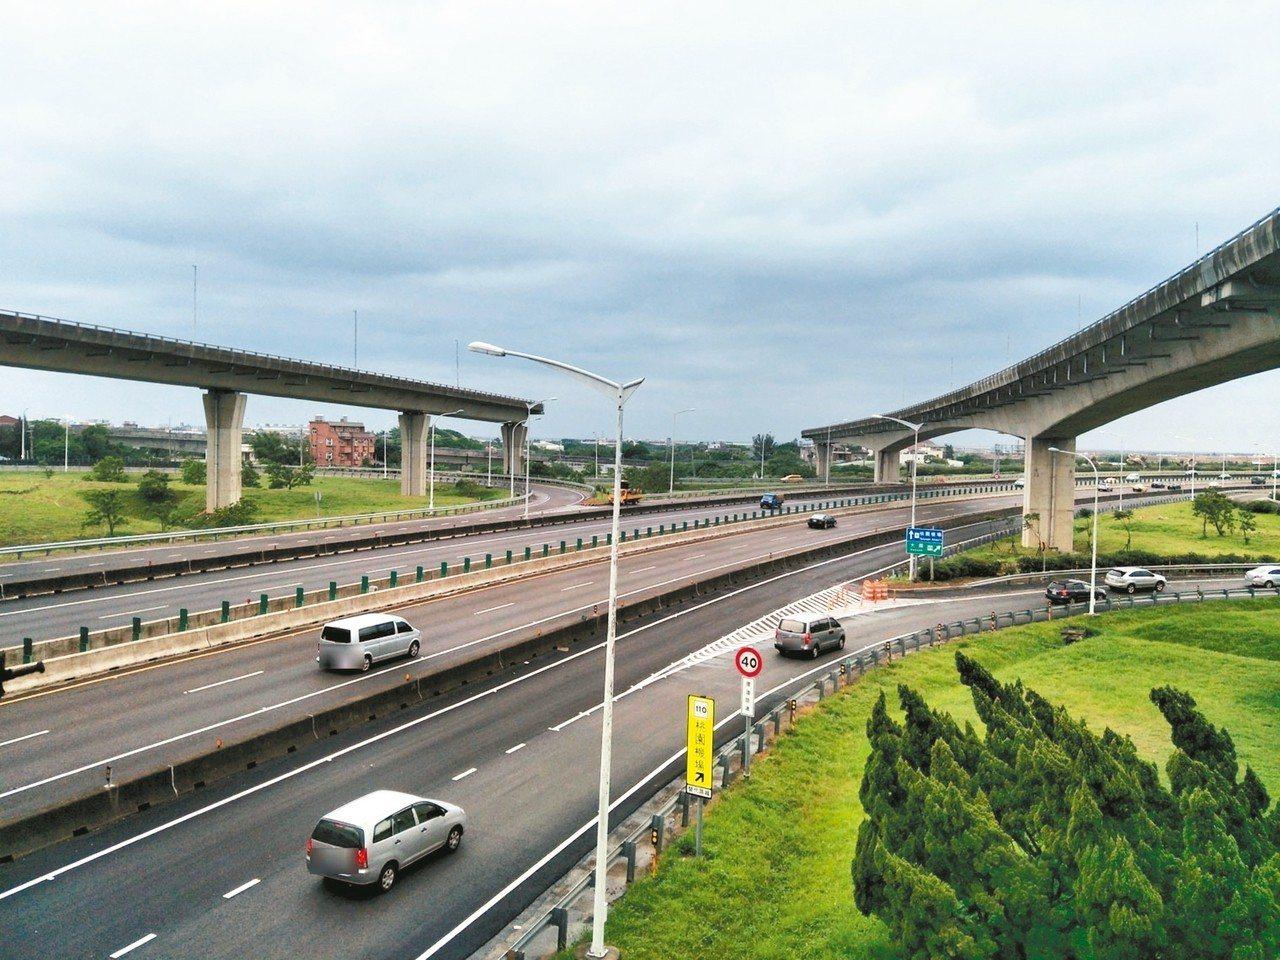 國道2號國2甲快速道「天空斷橋」橫在大園交流道上,施工延宕7年成為大園醜陋地標(...